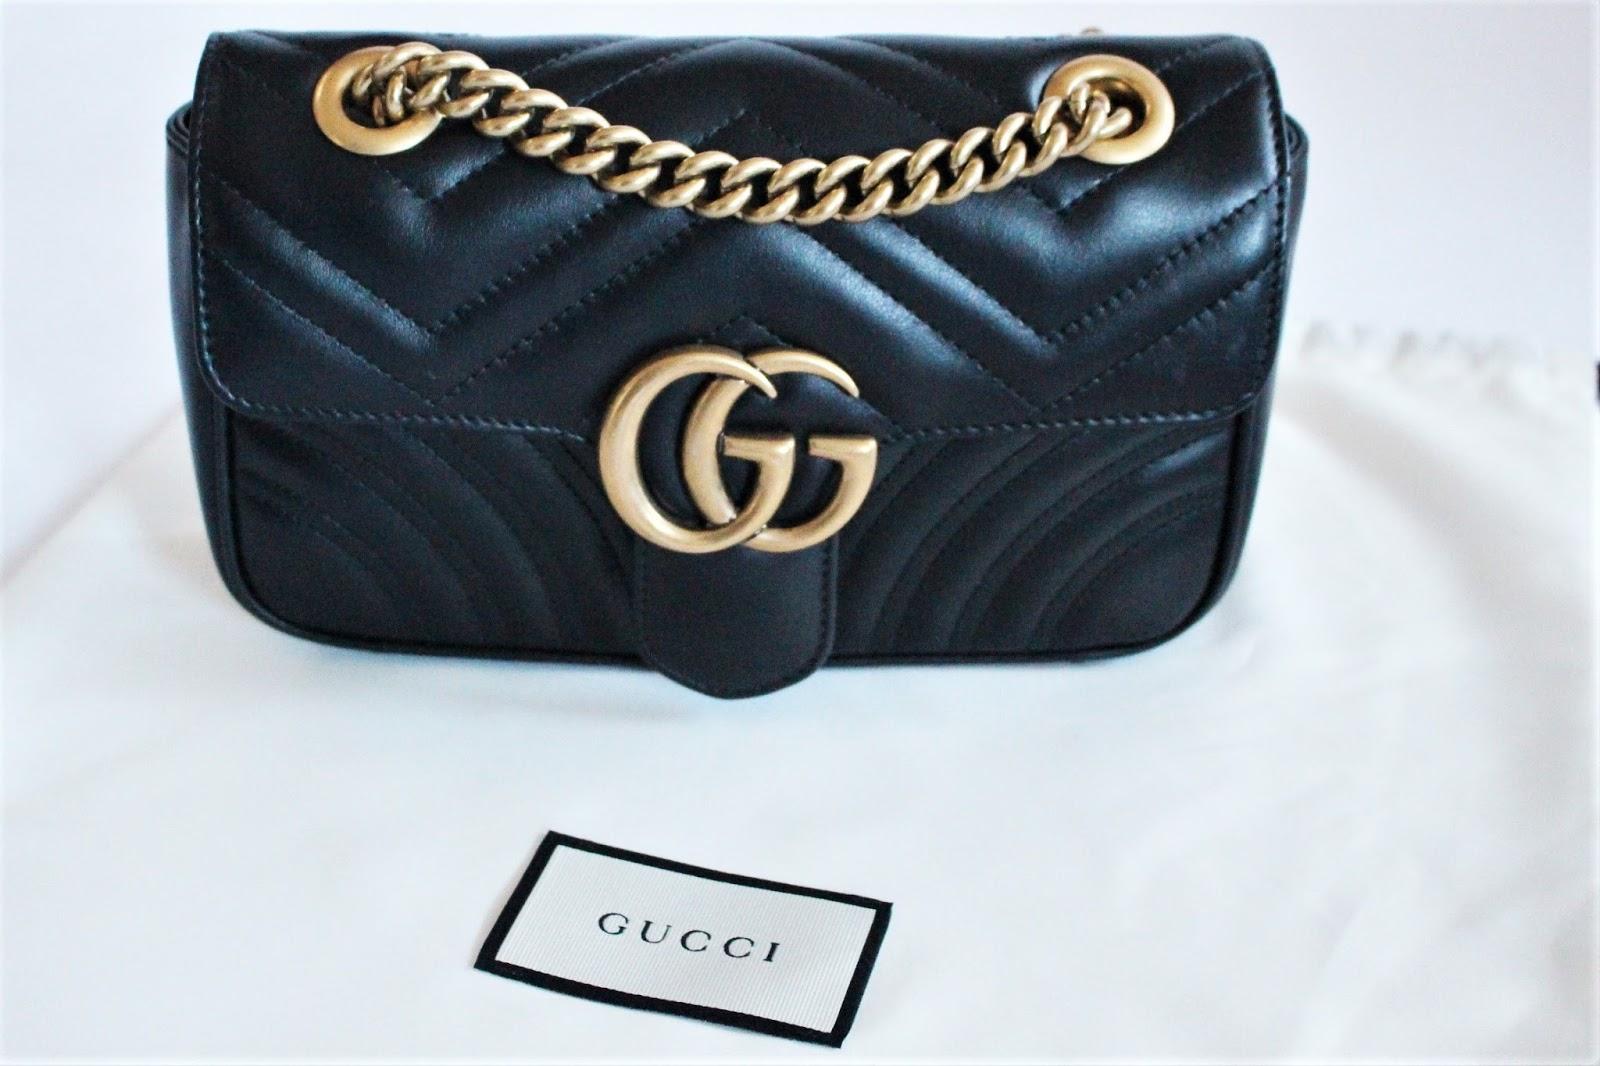 NEW IN    Designer Bag   Gucci Marmont Mini in Black - Sinnamona e587e6a4669